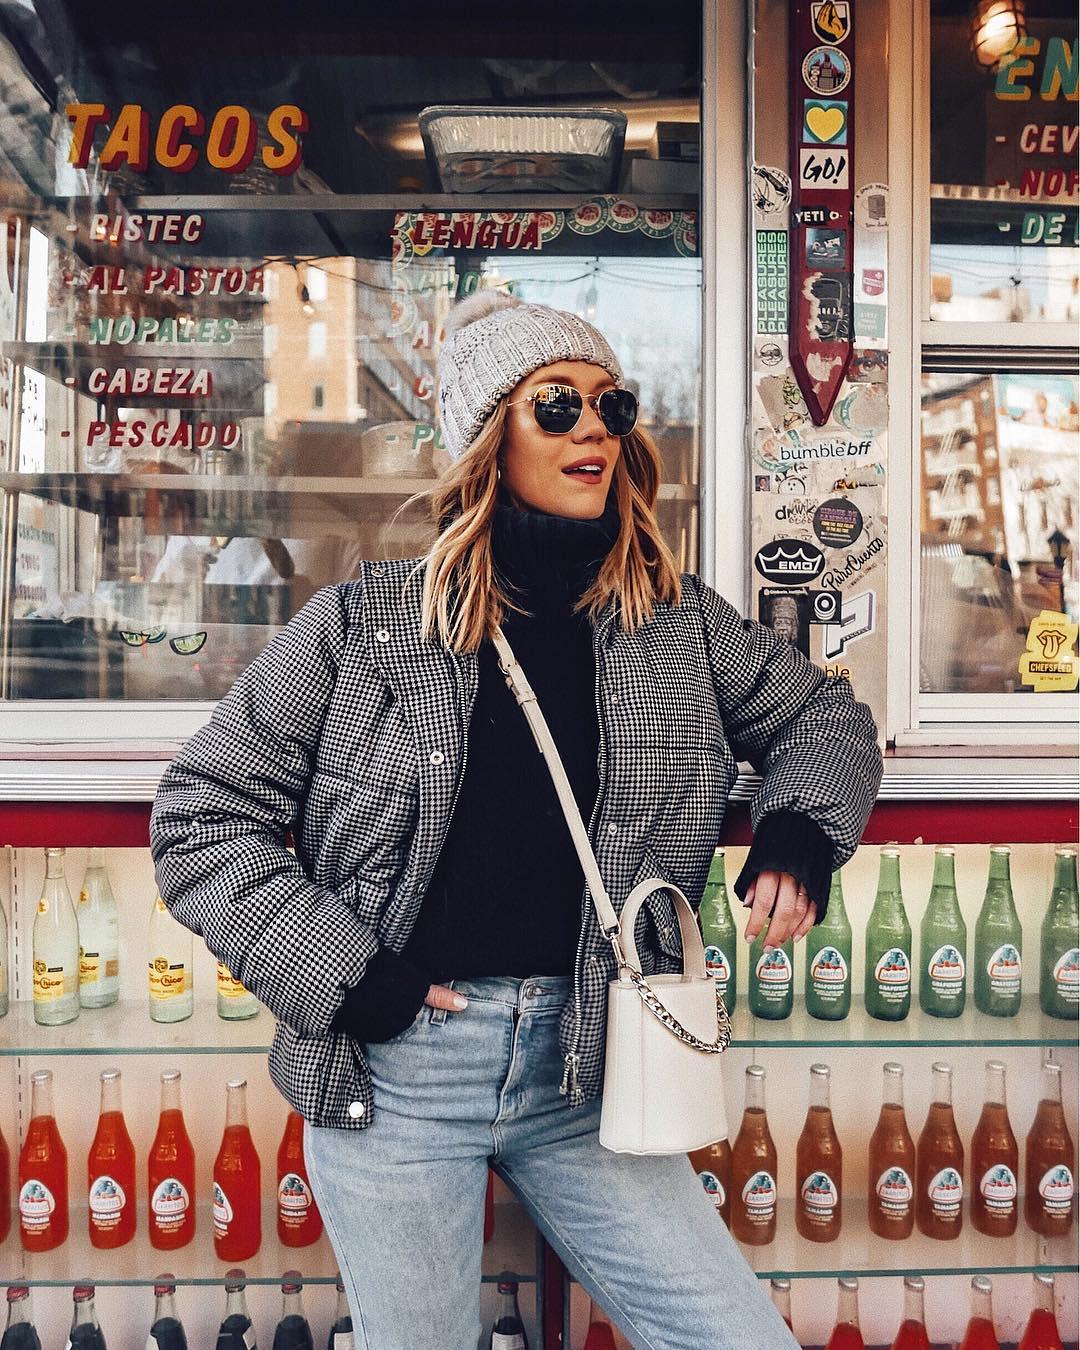 6 самых трендовых моделей которые должны быть в гардеробе модниц